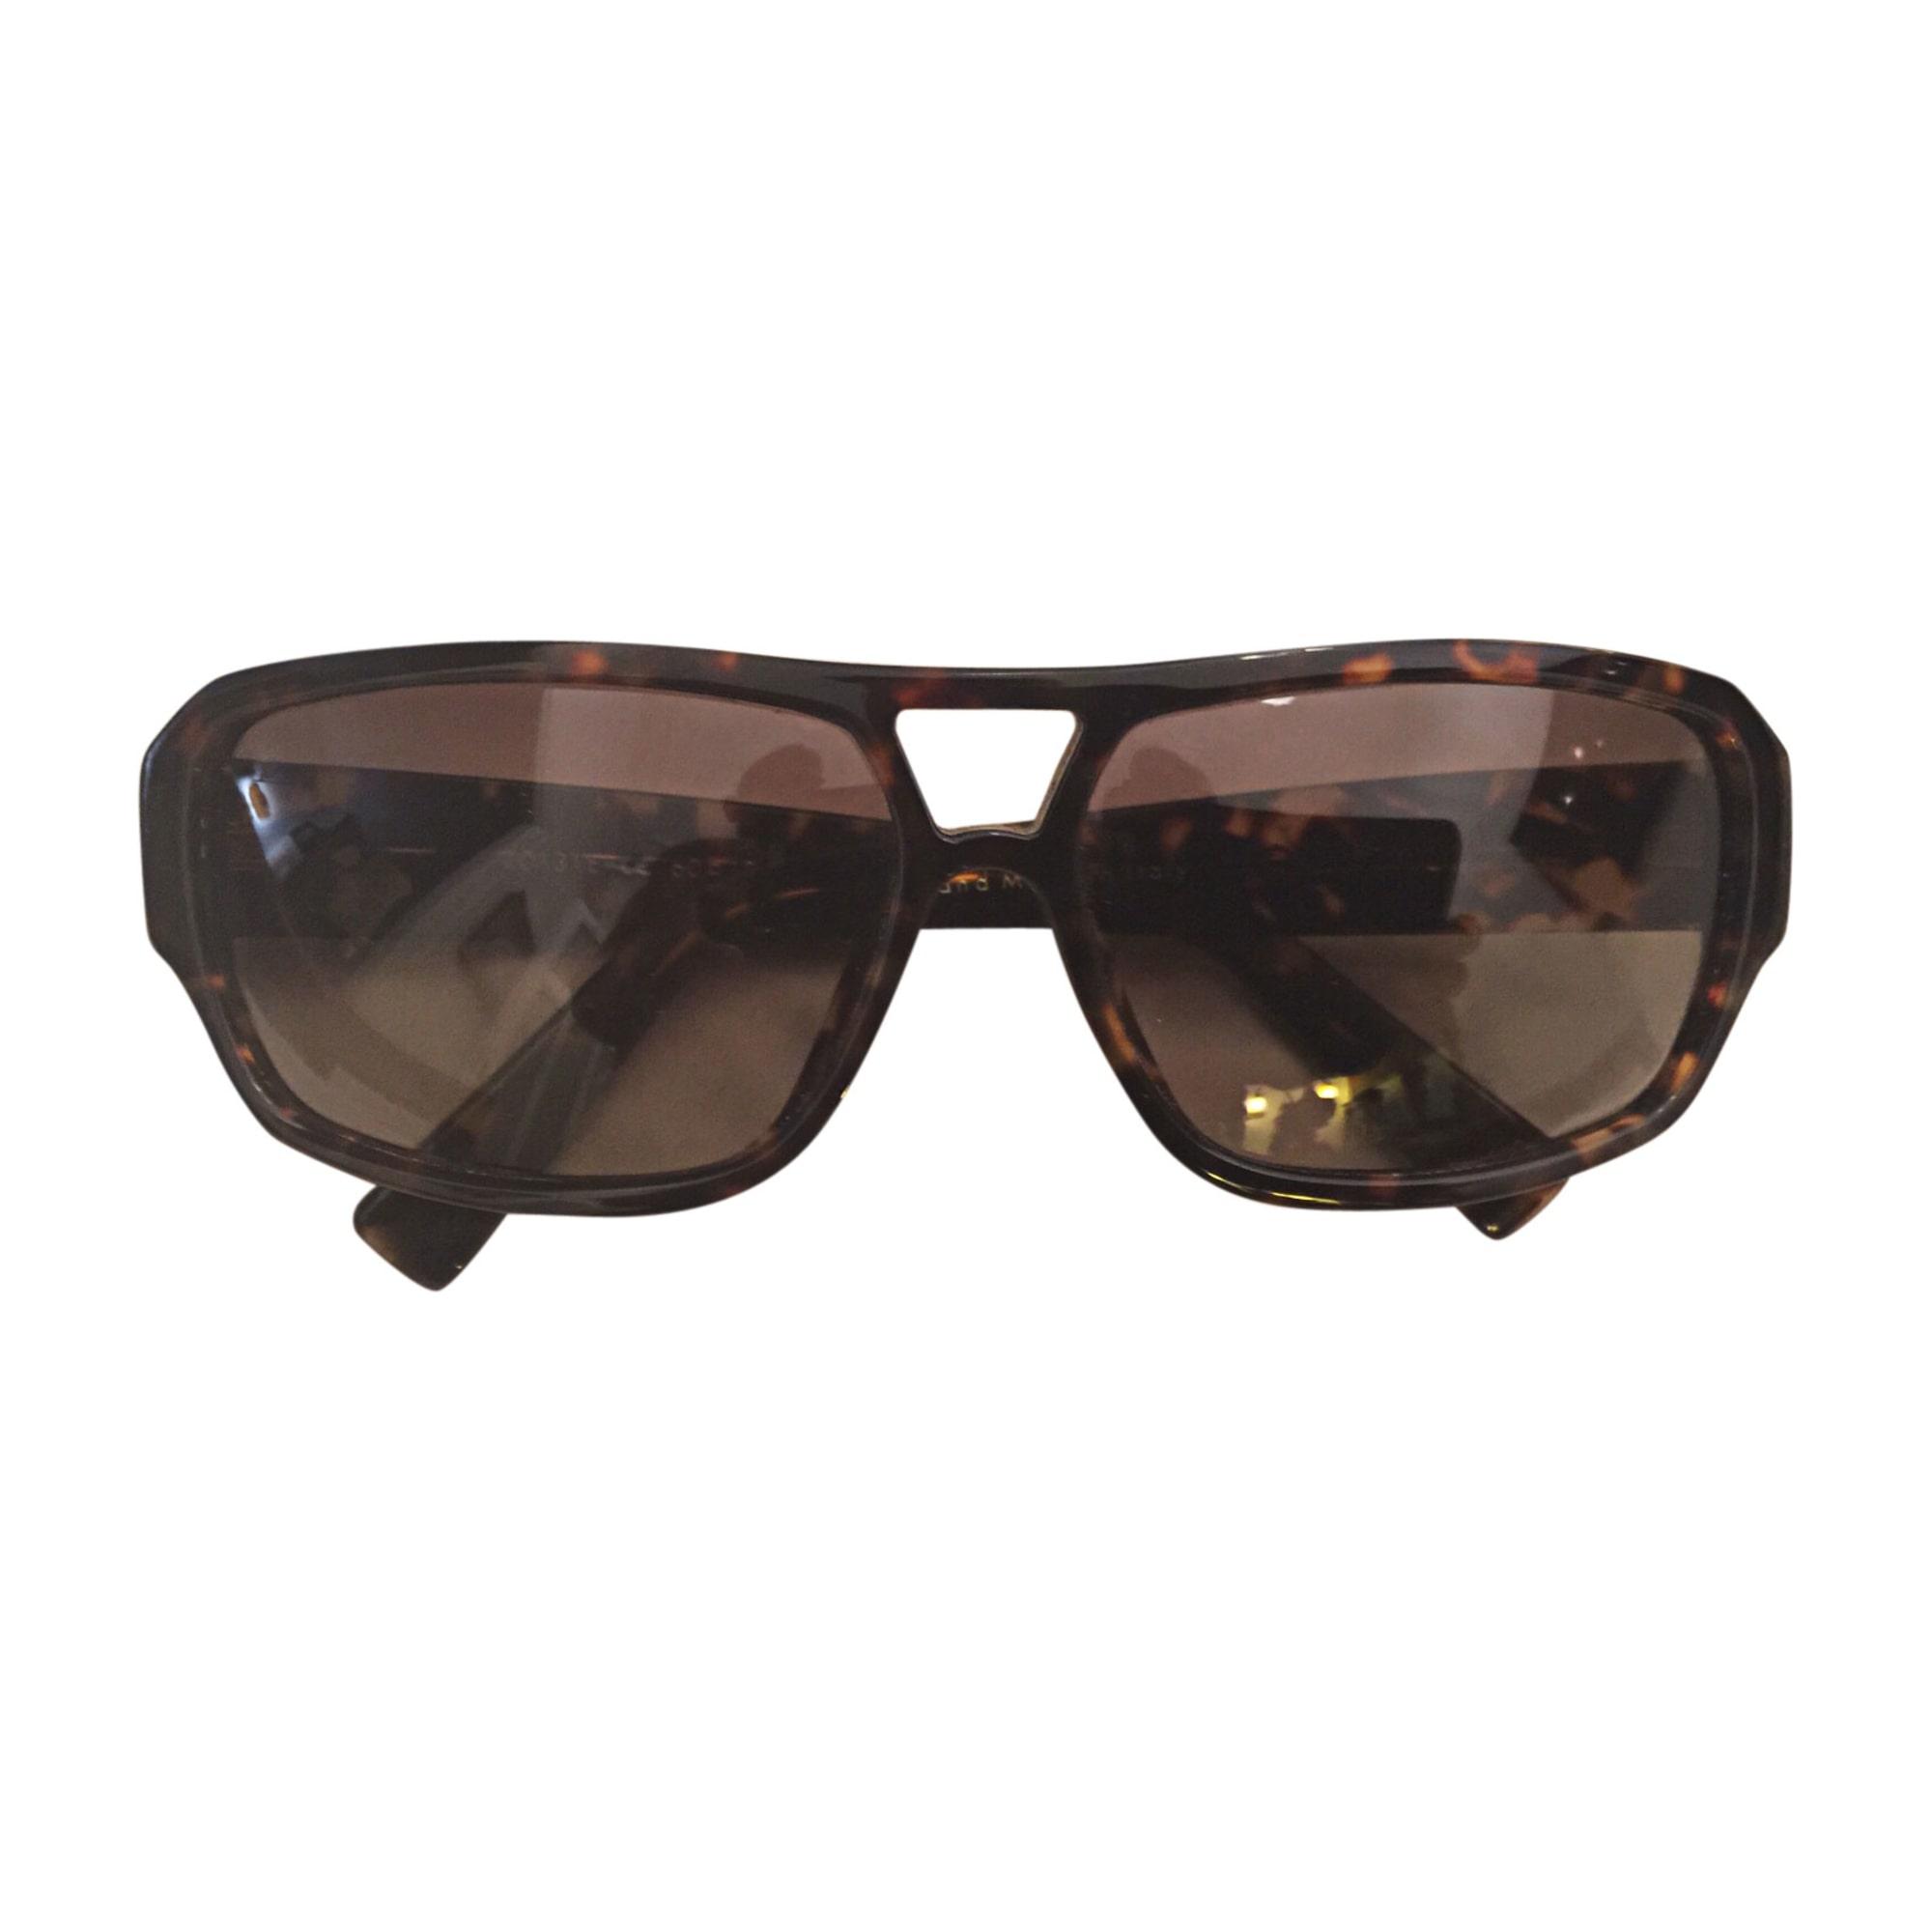 25fcf52c503 Lunettes de soleil LOUIS VUITTON tartaruga - 8125013